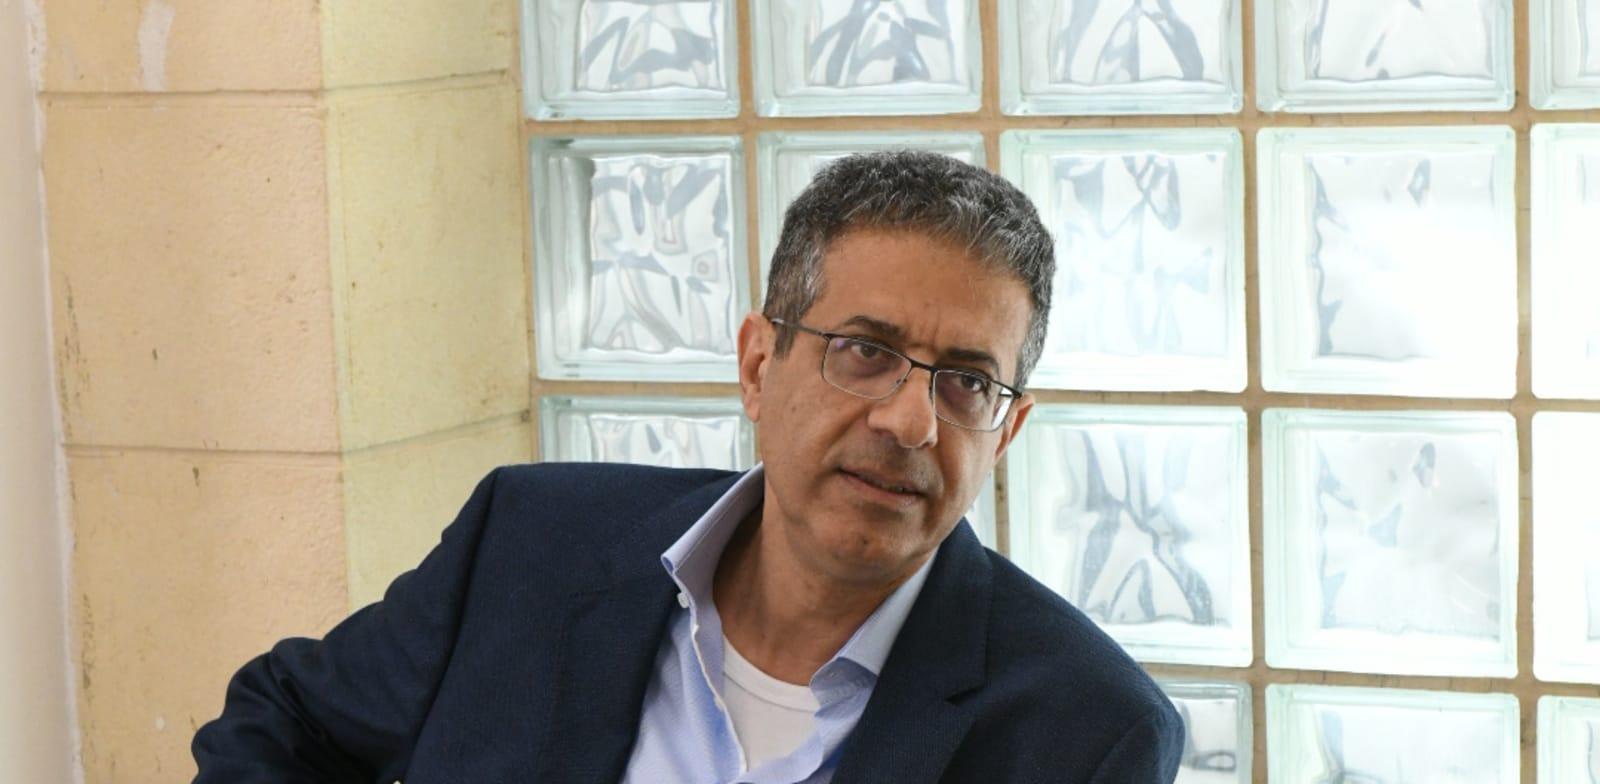 """מנכ""""ל וואלה לשעבר אילן ישועה בדיון במשפט נתניהו בבית המשפט המחוזי בירושלים / צילום: איל יצהר"""